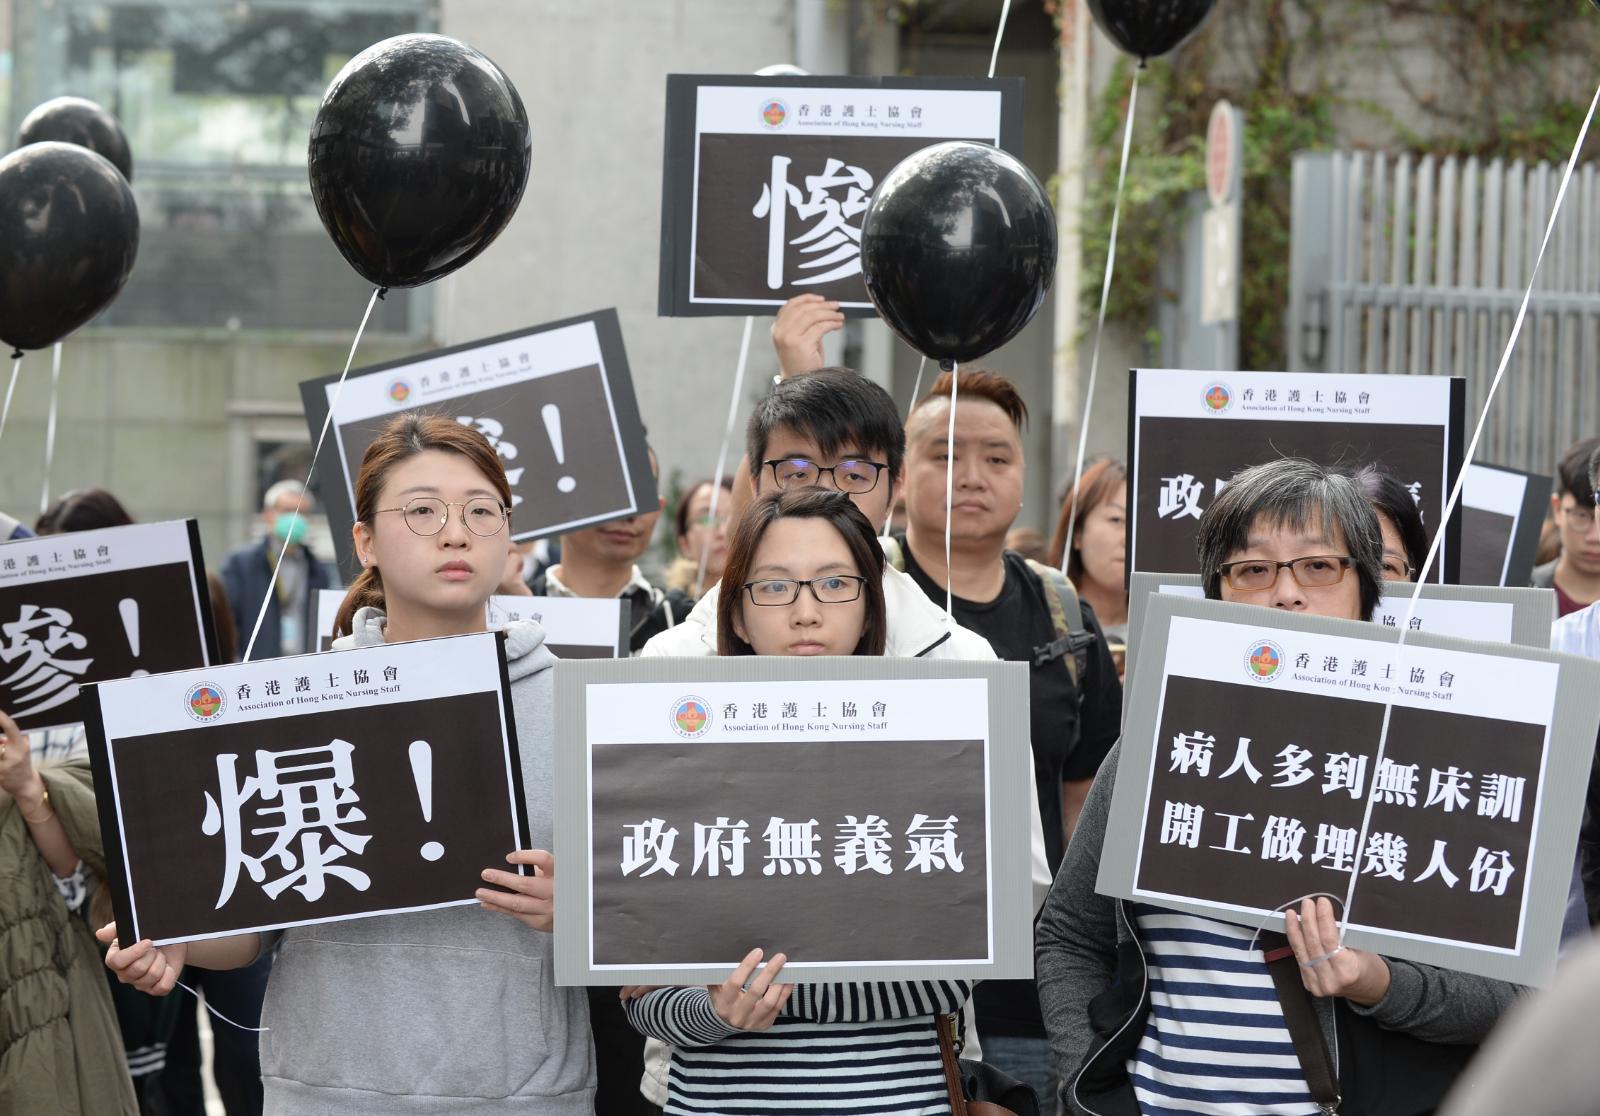 參行人士手帶同寫有「政府無義氣」、「護士被捱義氣」的標語。